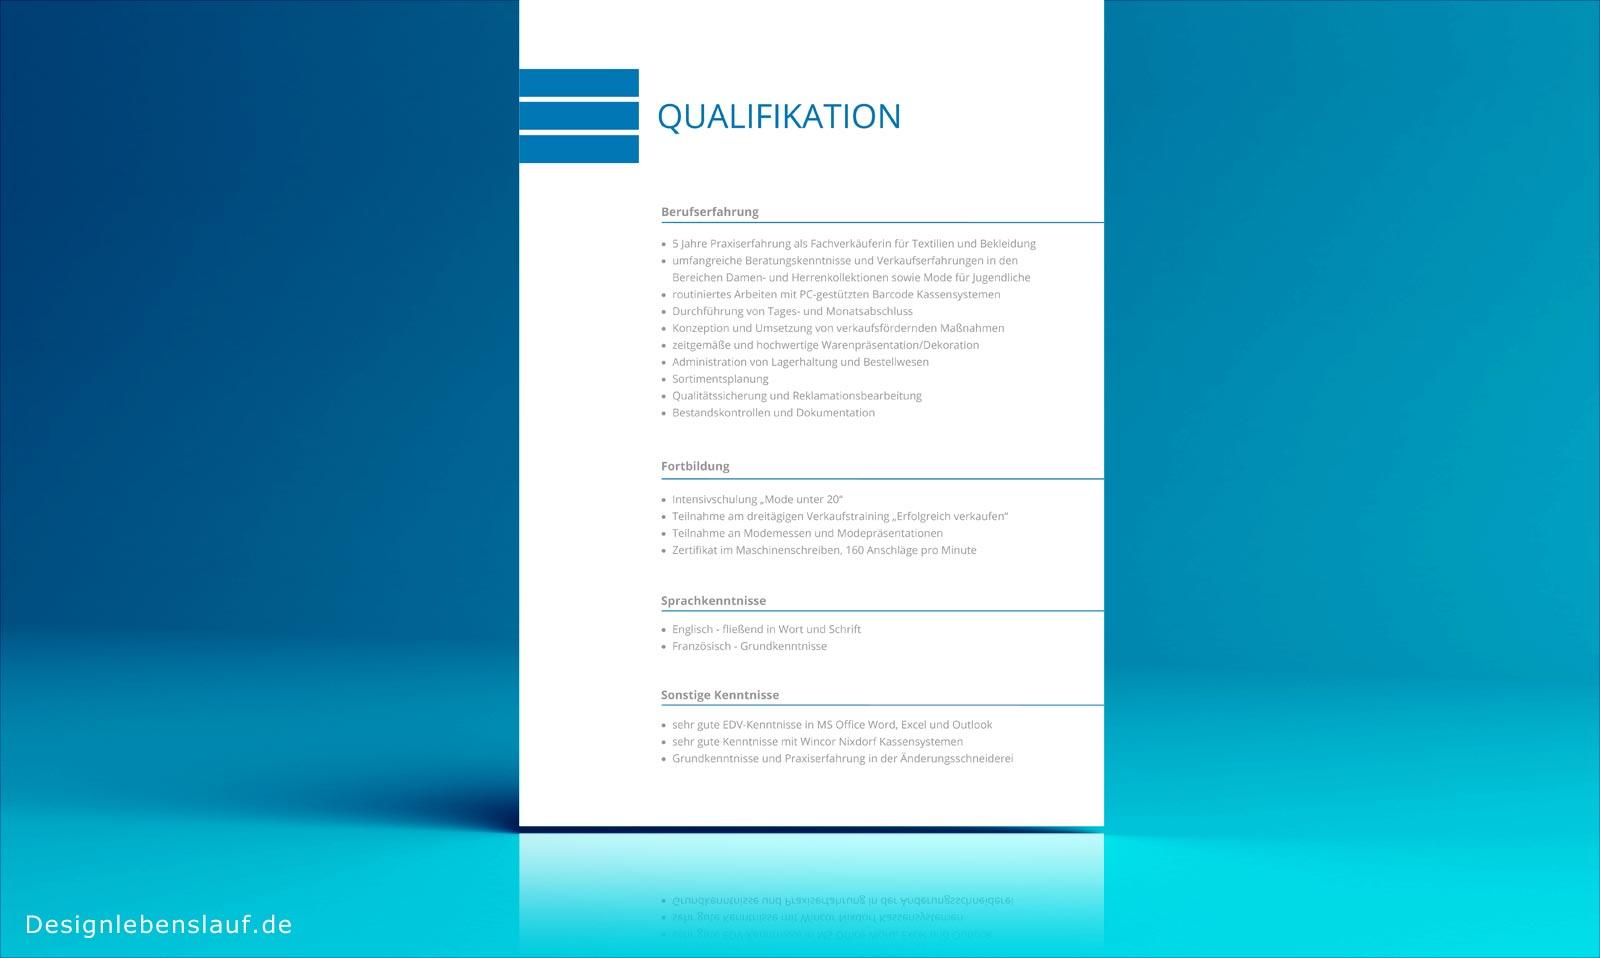 Niedlich Beispiele Für Sprachkenntnisse Galerie Entry Level Resume